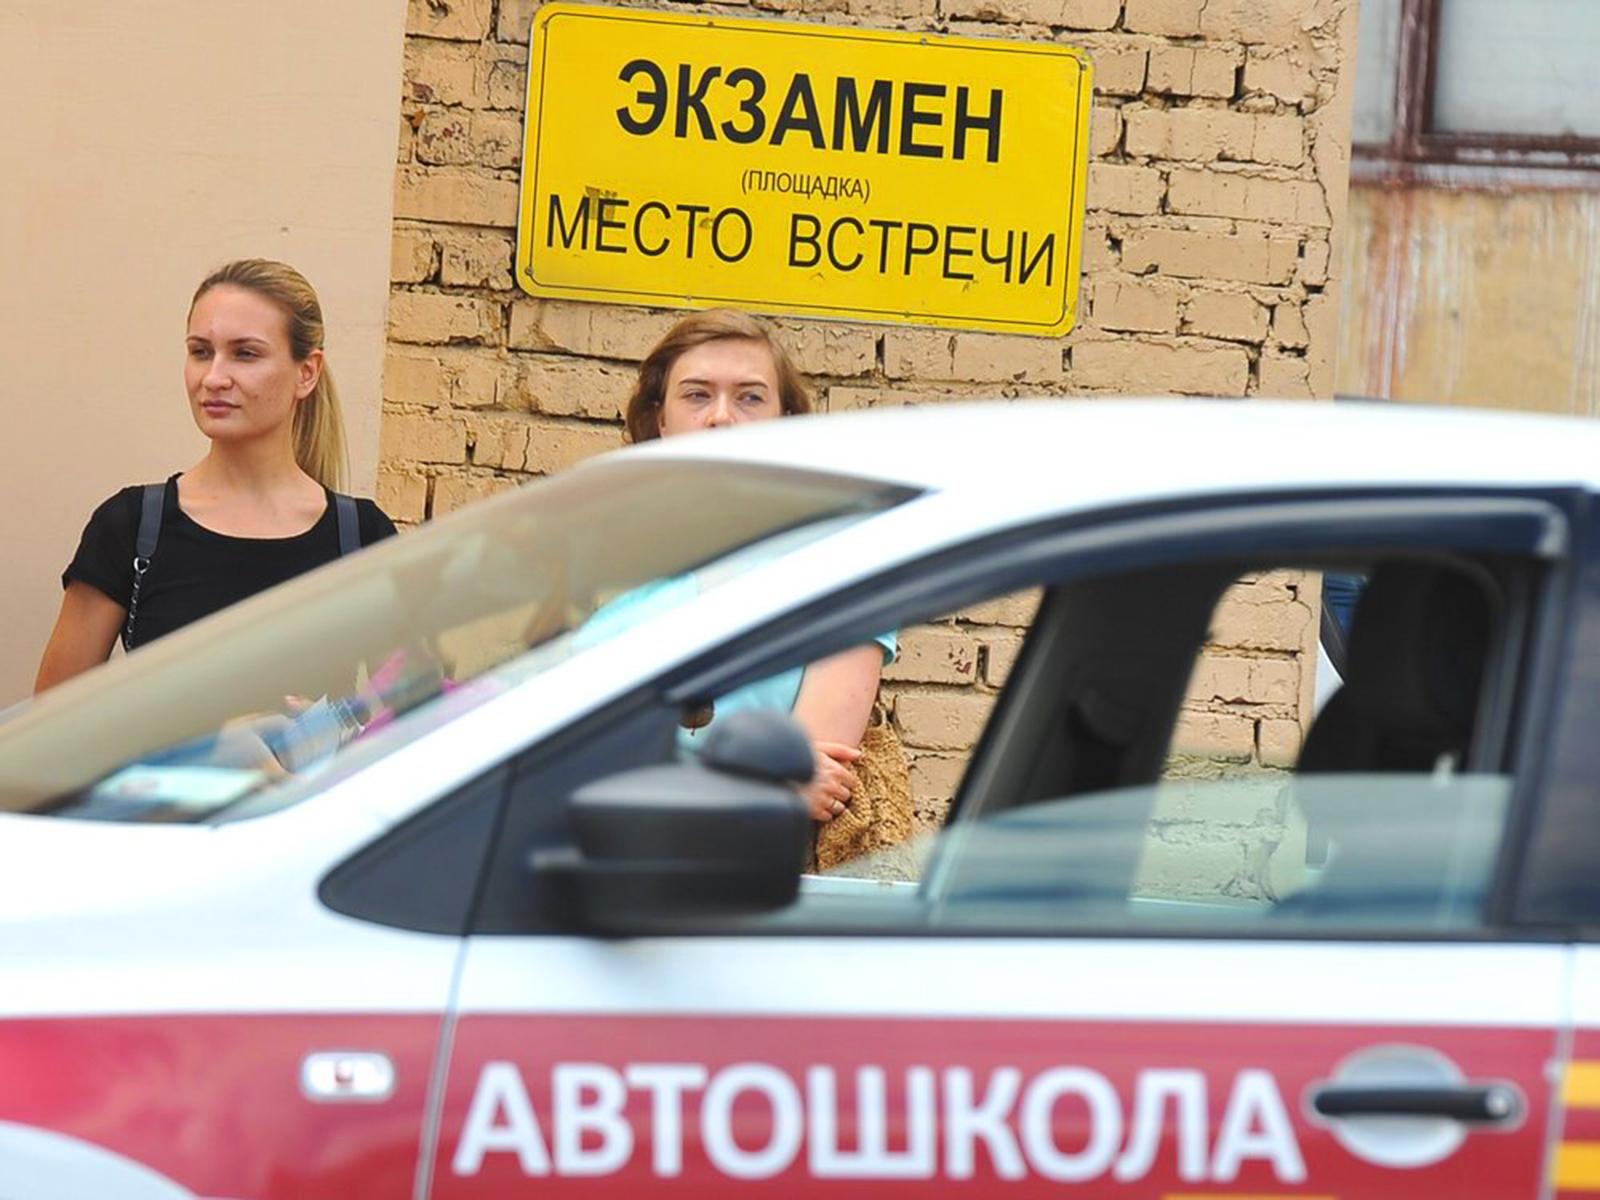 Автошколы выступили против реформы экзаменов на права